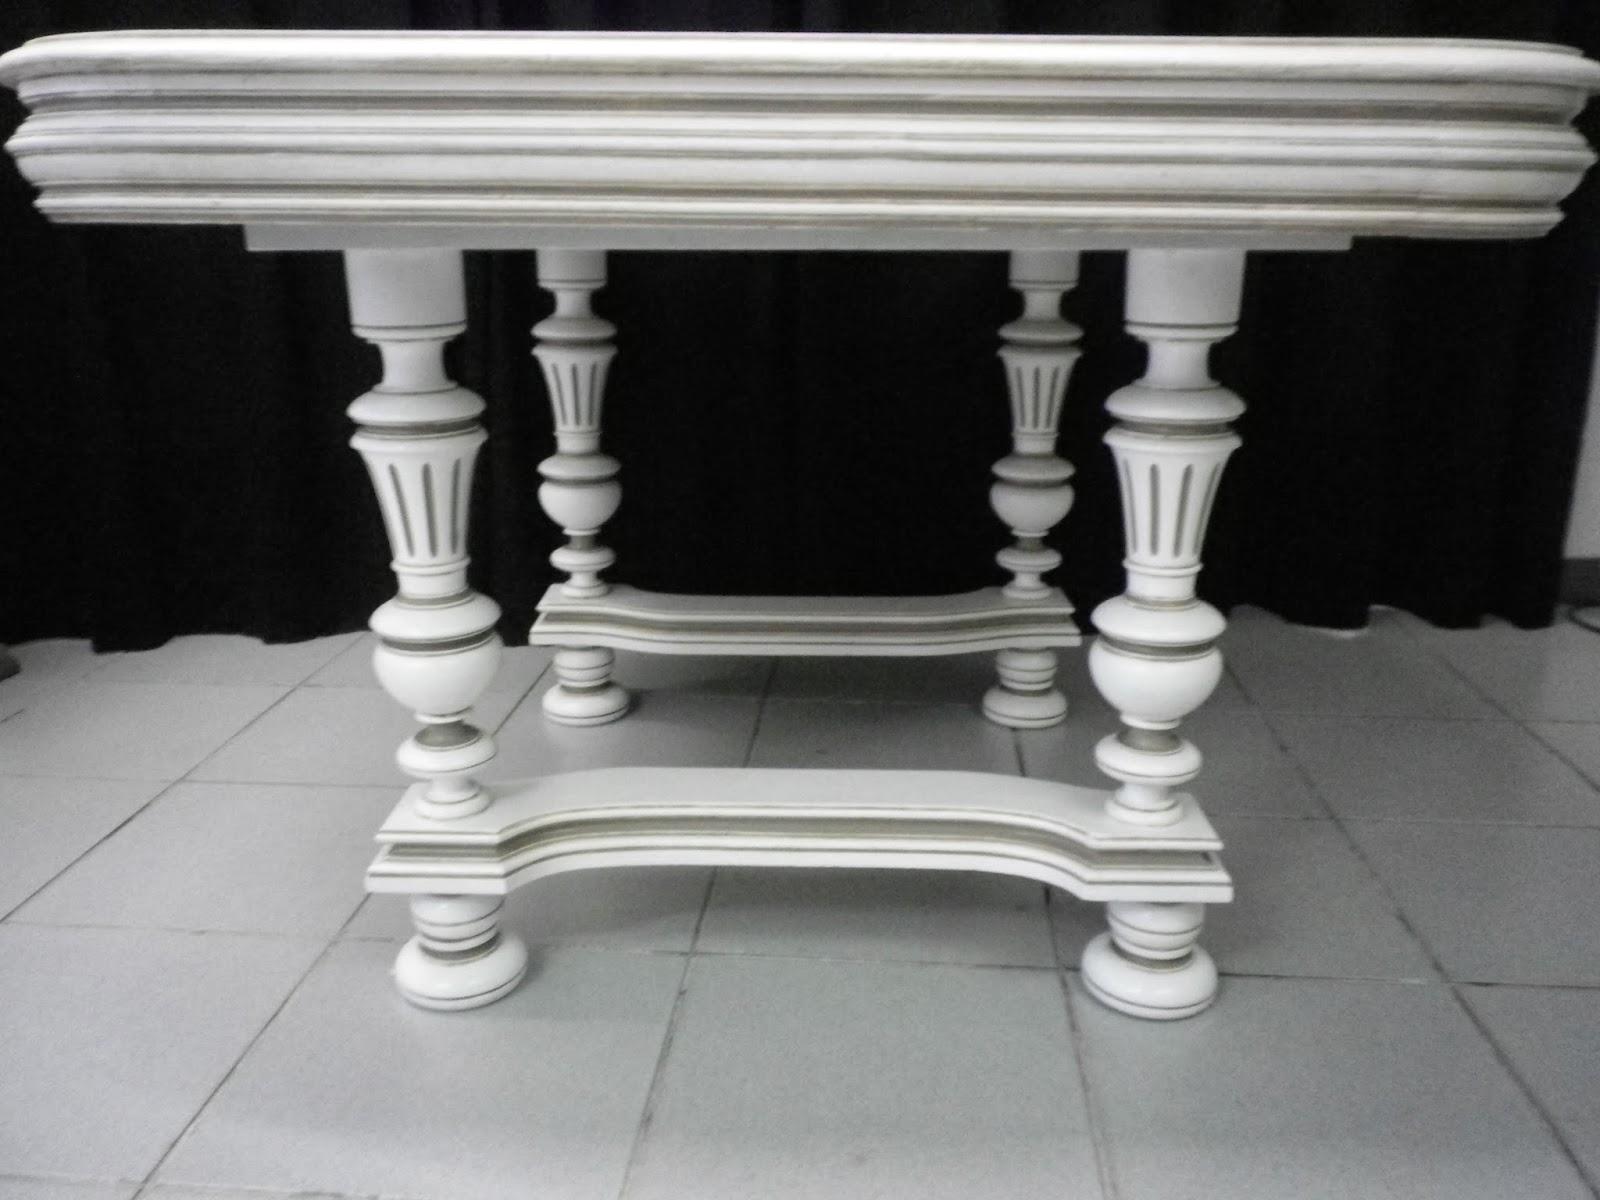 pat 39 in une nouvelle vie pour vos meubles et objets table henri ii. Black Bedroom Furniture Sets. Home Design Ideas